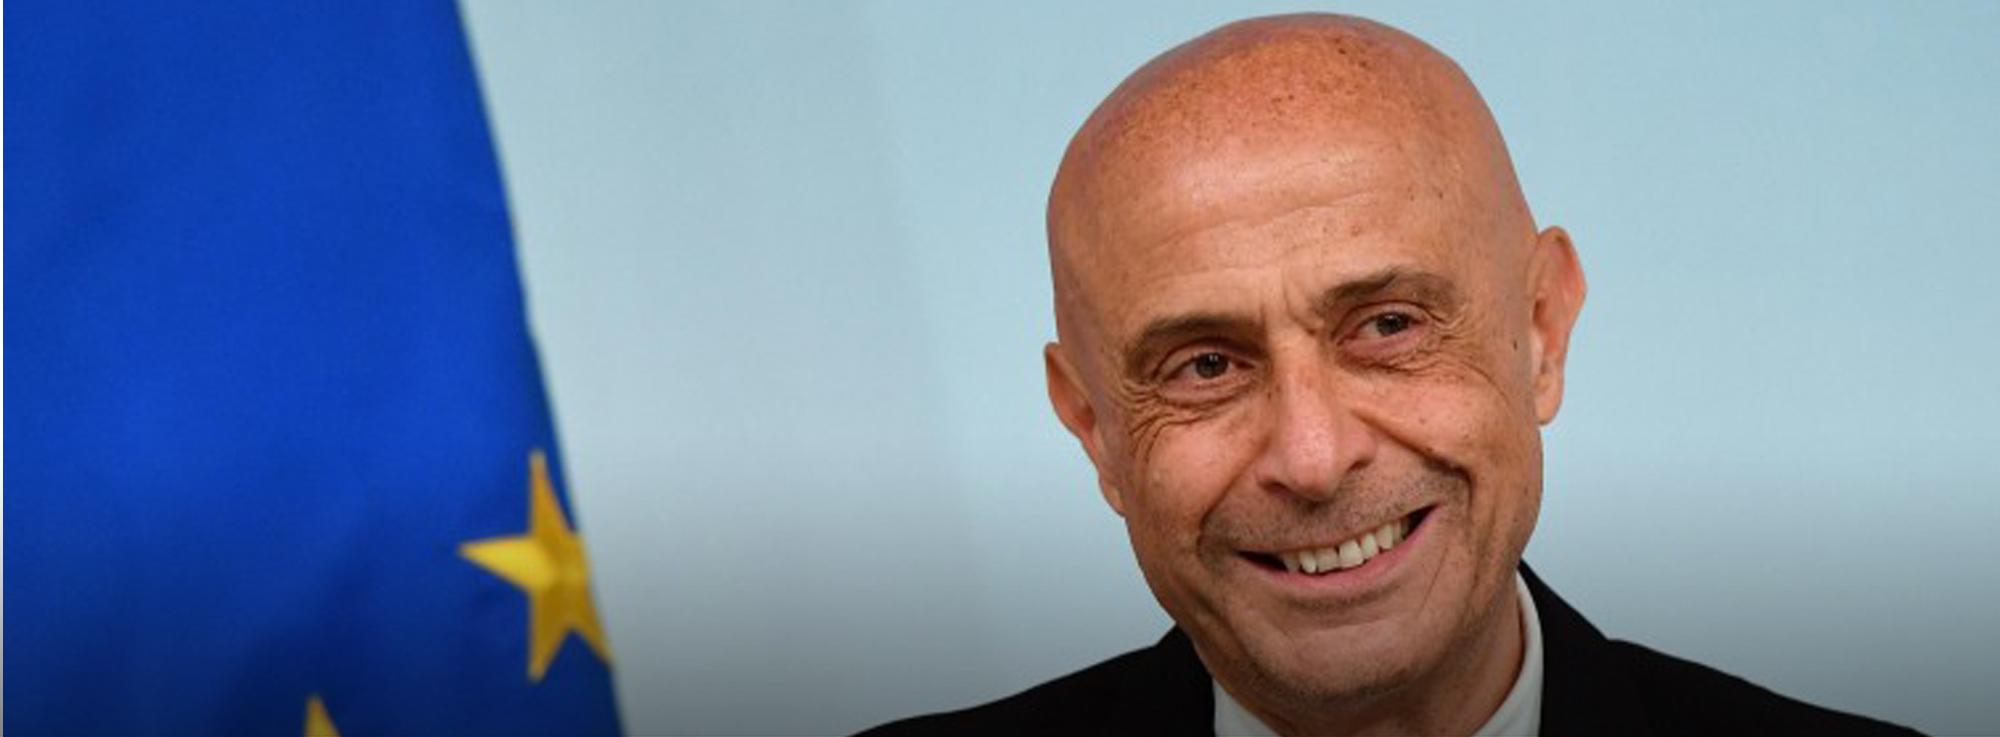 Bari: Marco Minniti presenta Sicurezza è libertà